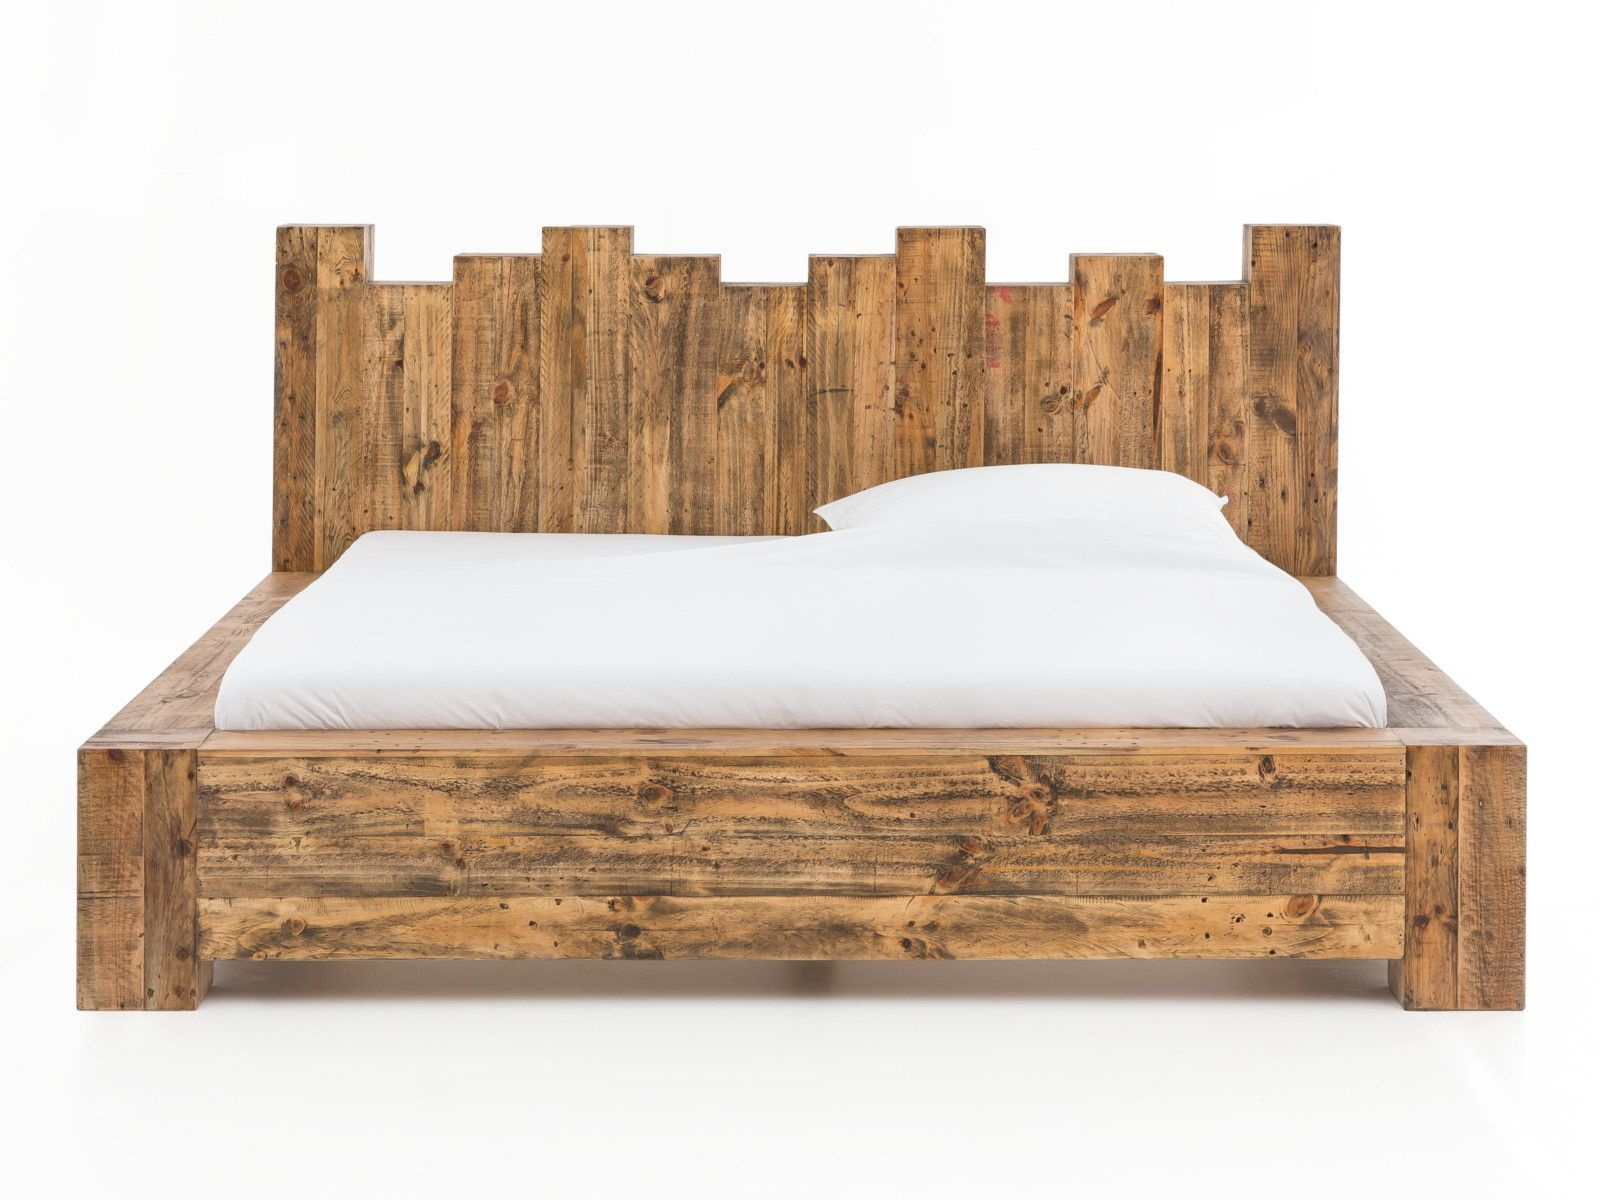 Holzbett Kingsburgh In 2020 Holzbett Bett Mobel Haus Deko